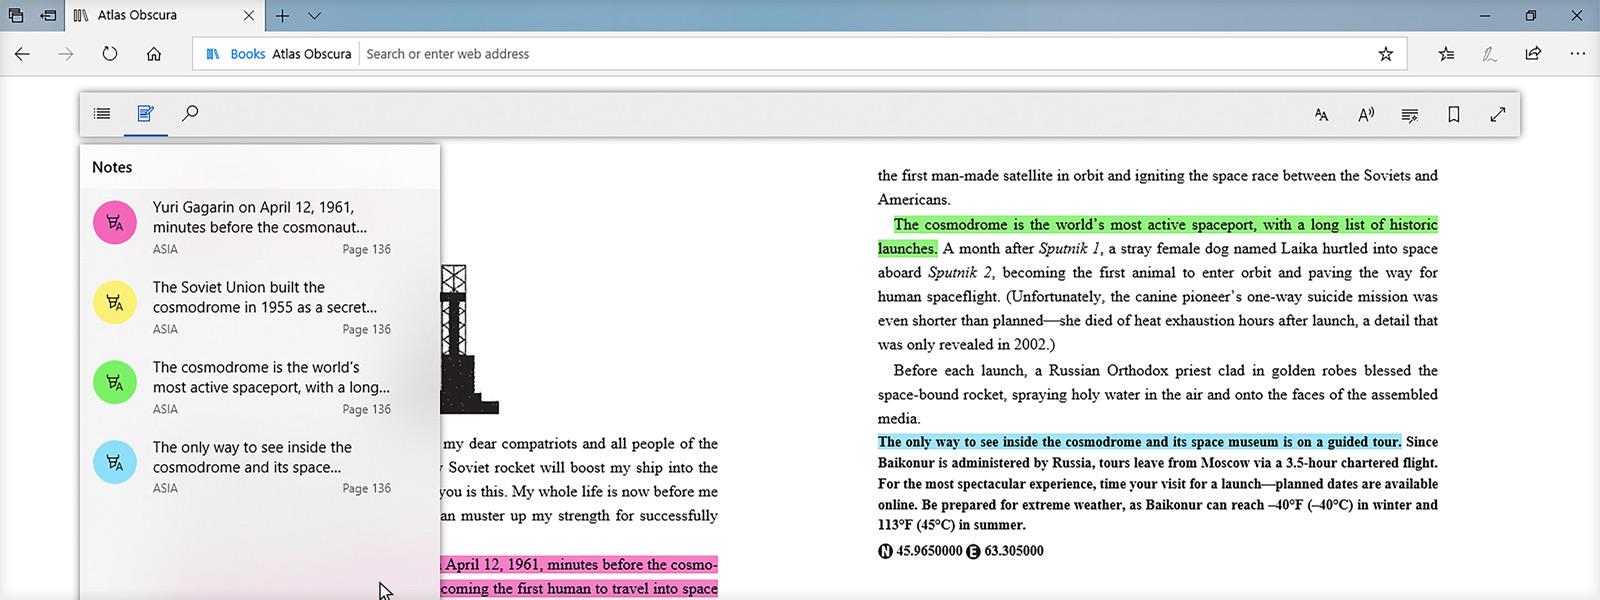 Изображение демонстрирует выделение текста во время чтения книги в Microsoft Edge